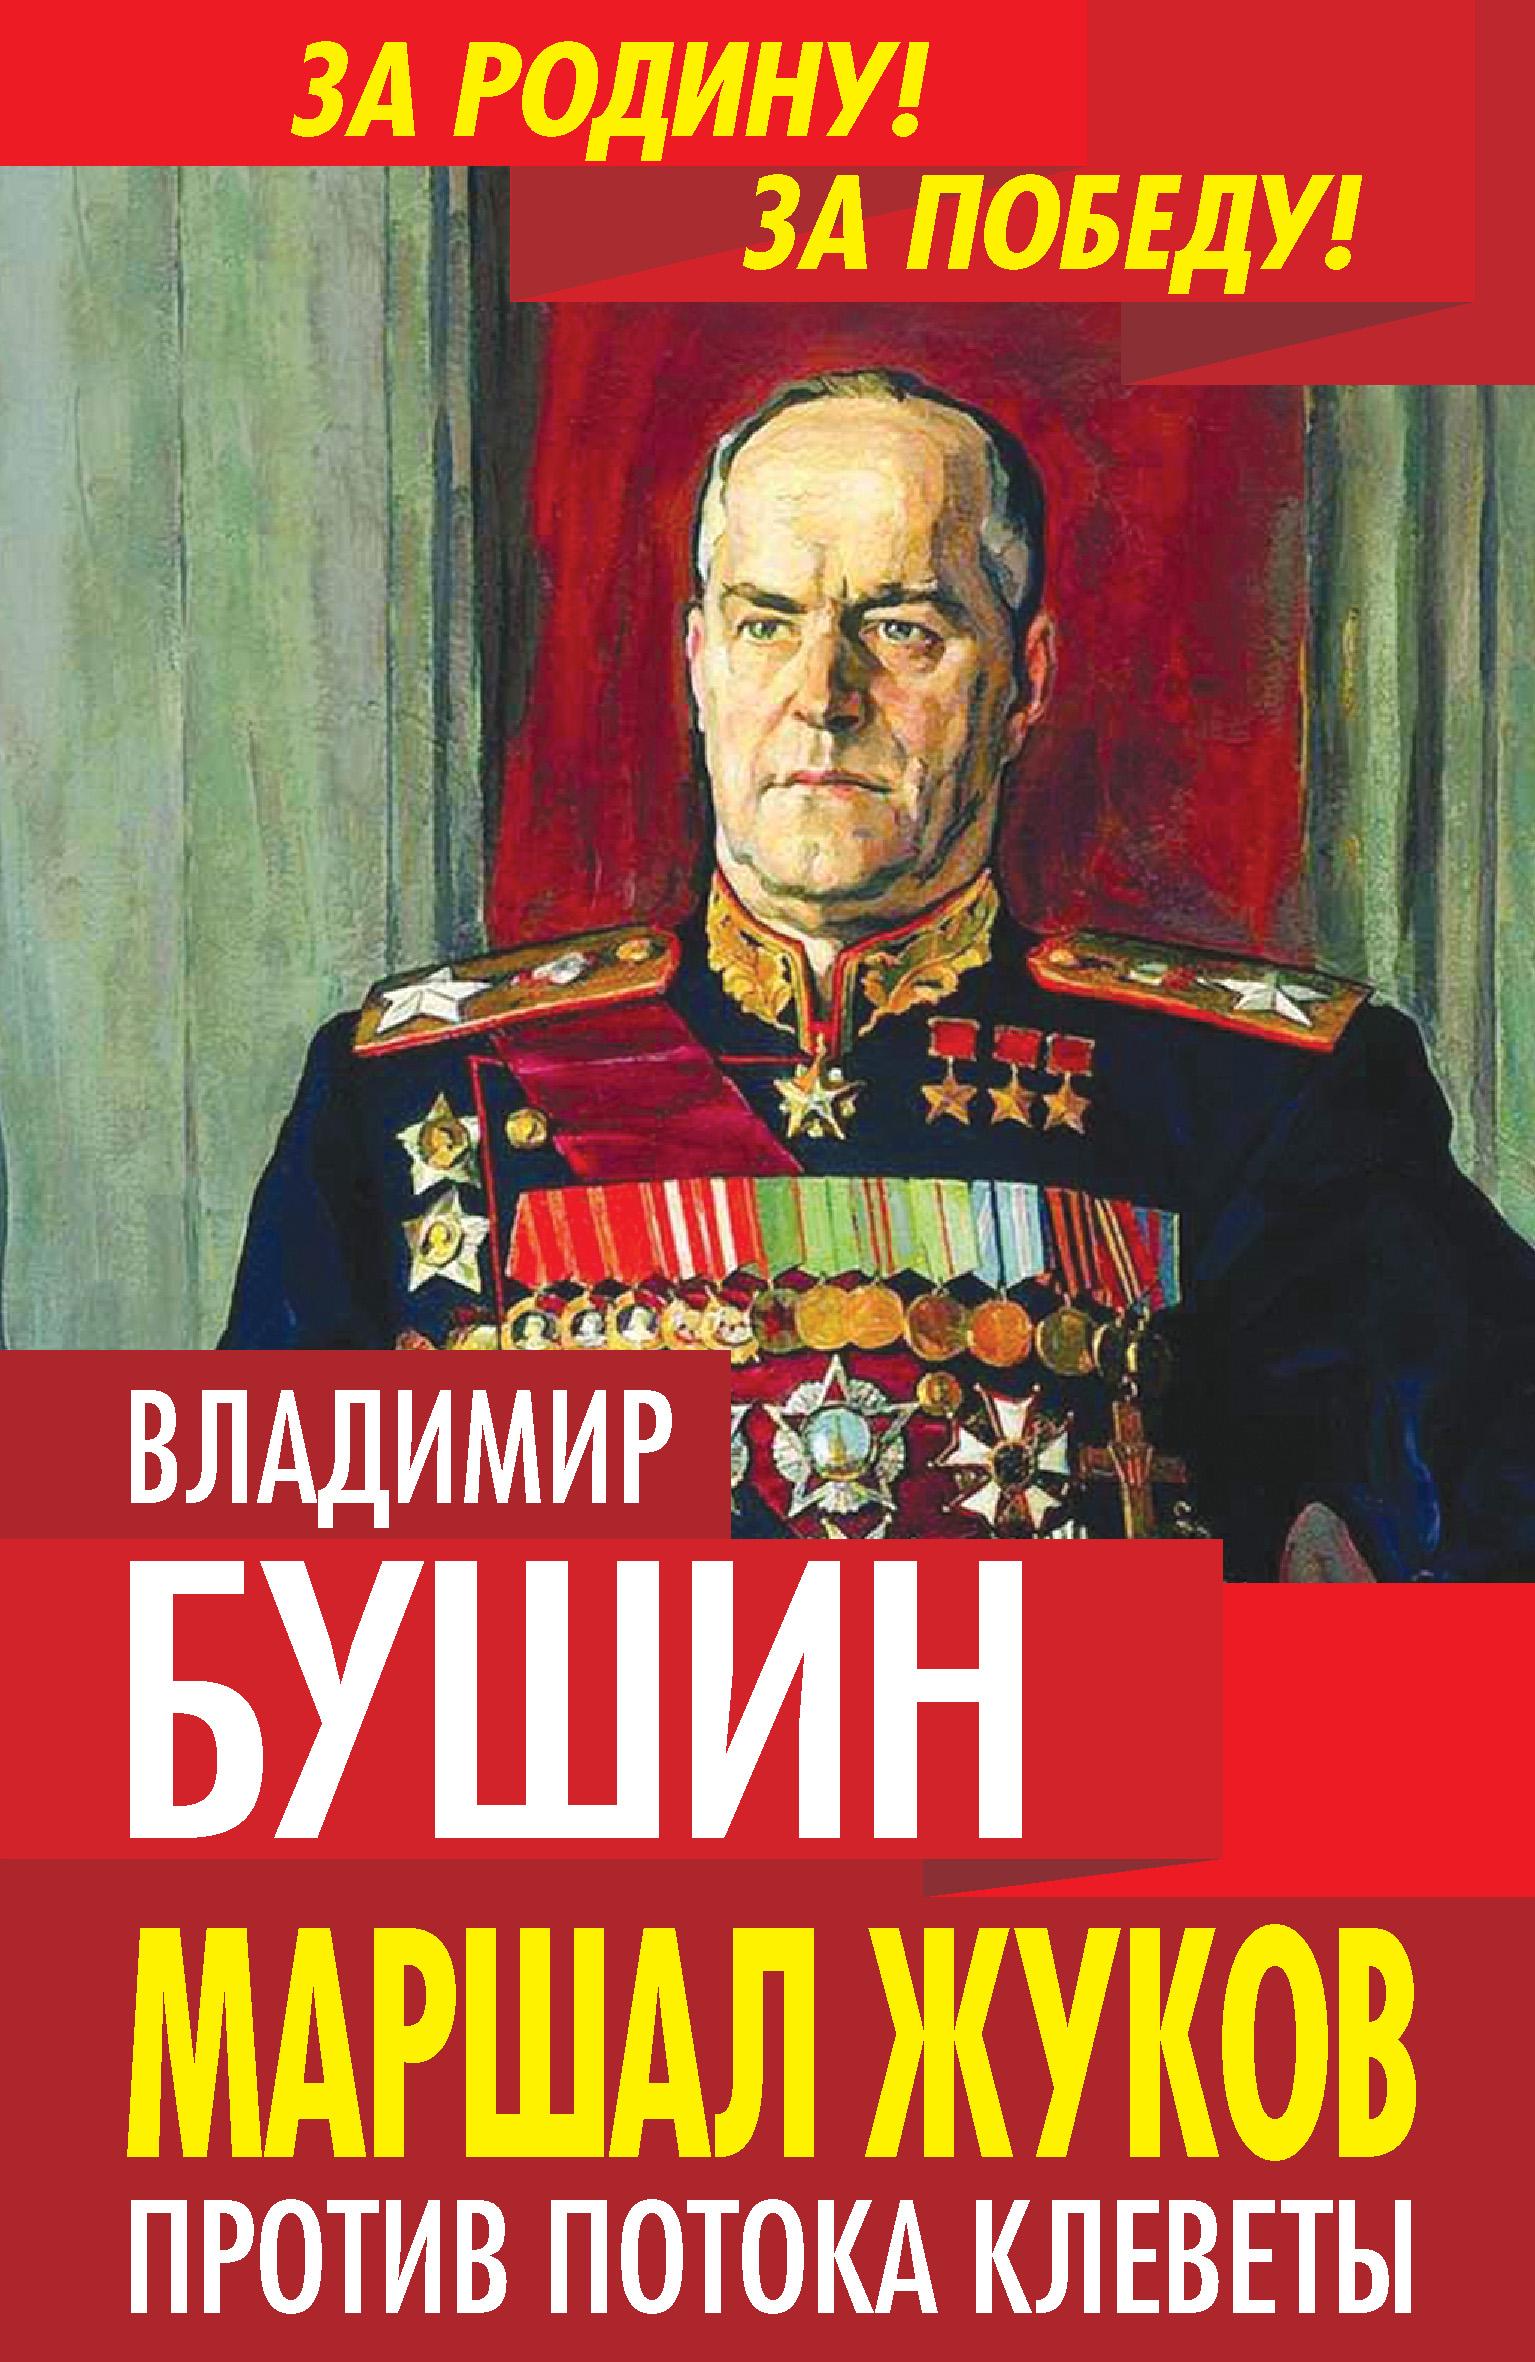 Владимир Бушин Маршал Жуков. Против потока клеветы подвеска telle quelle подвеска page 9